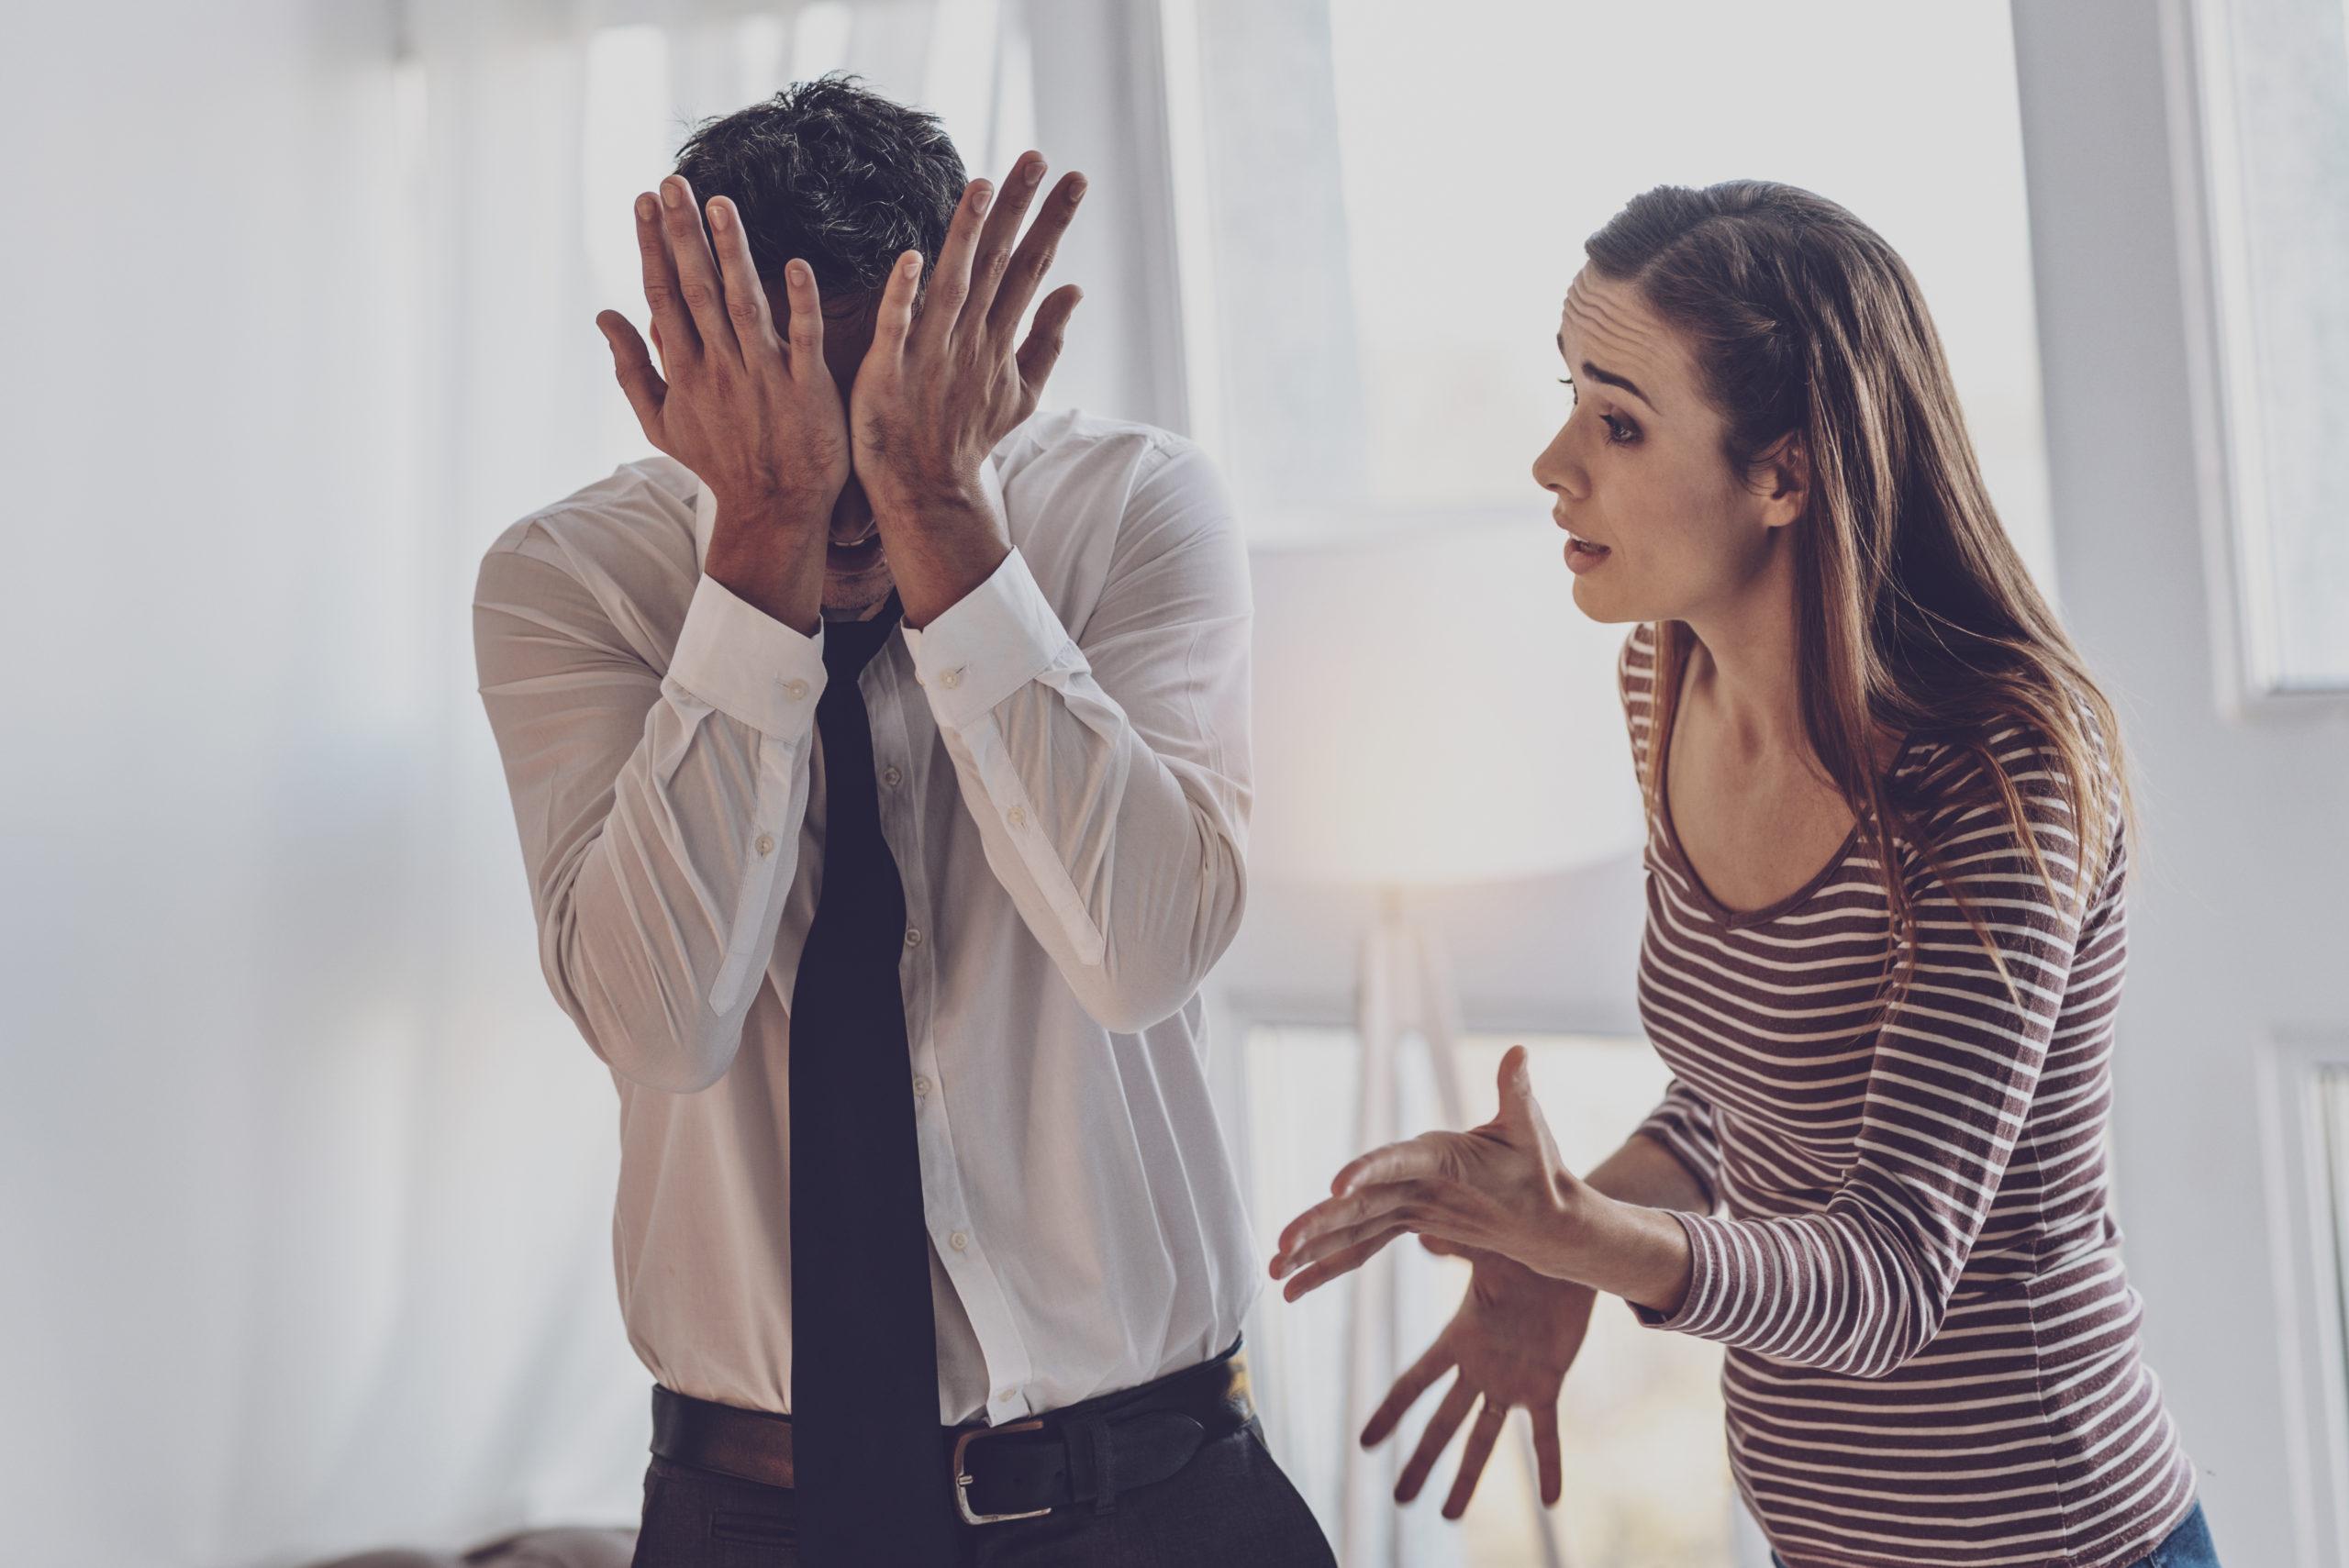 Warum wollen Männer keine Paartherapie? ⋆ Lebensidealisten